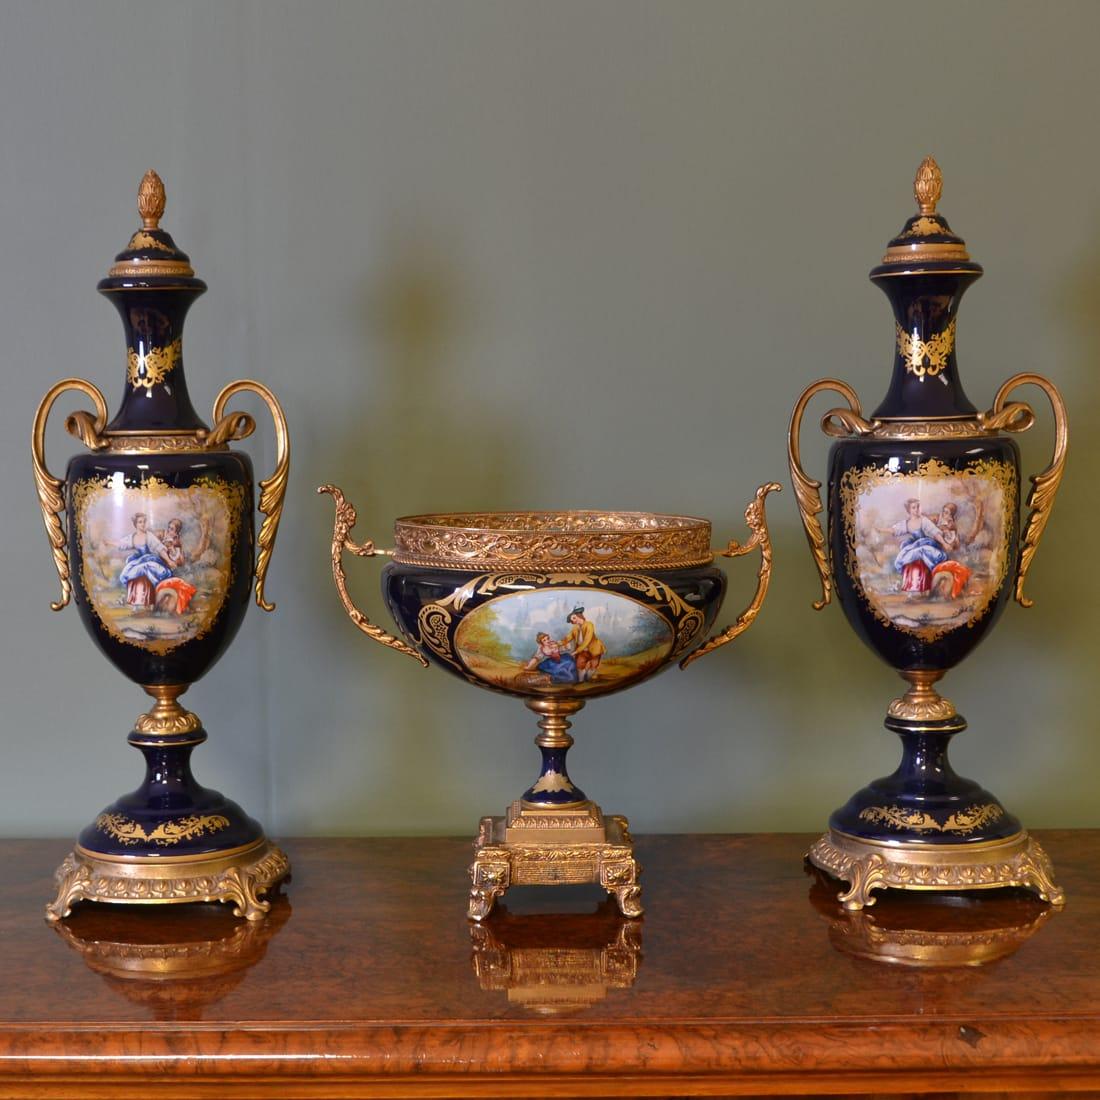 Unusual Three Piece Antique Porcelain Mantle piece Set